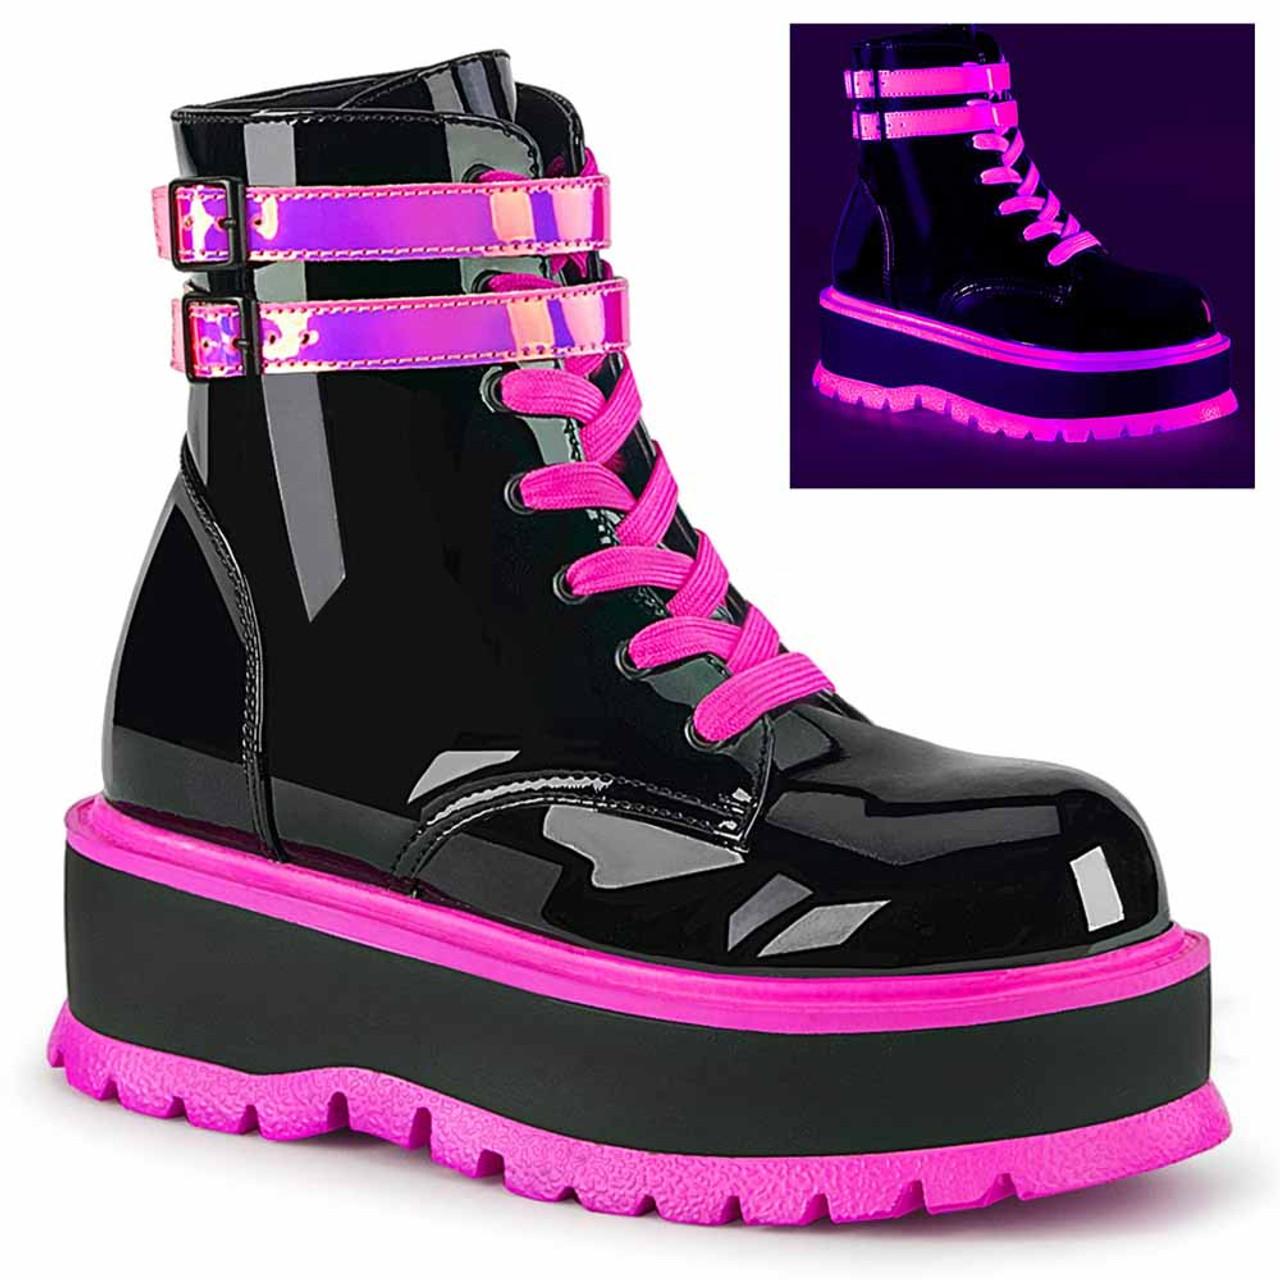 Demonia | Slacker-52, Raver Ankle Boots